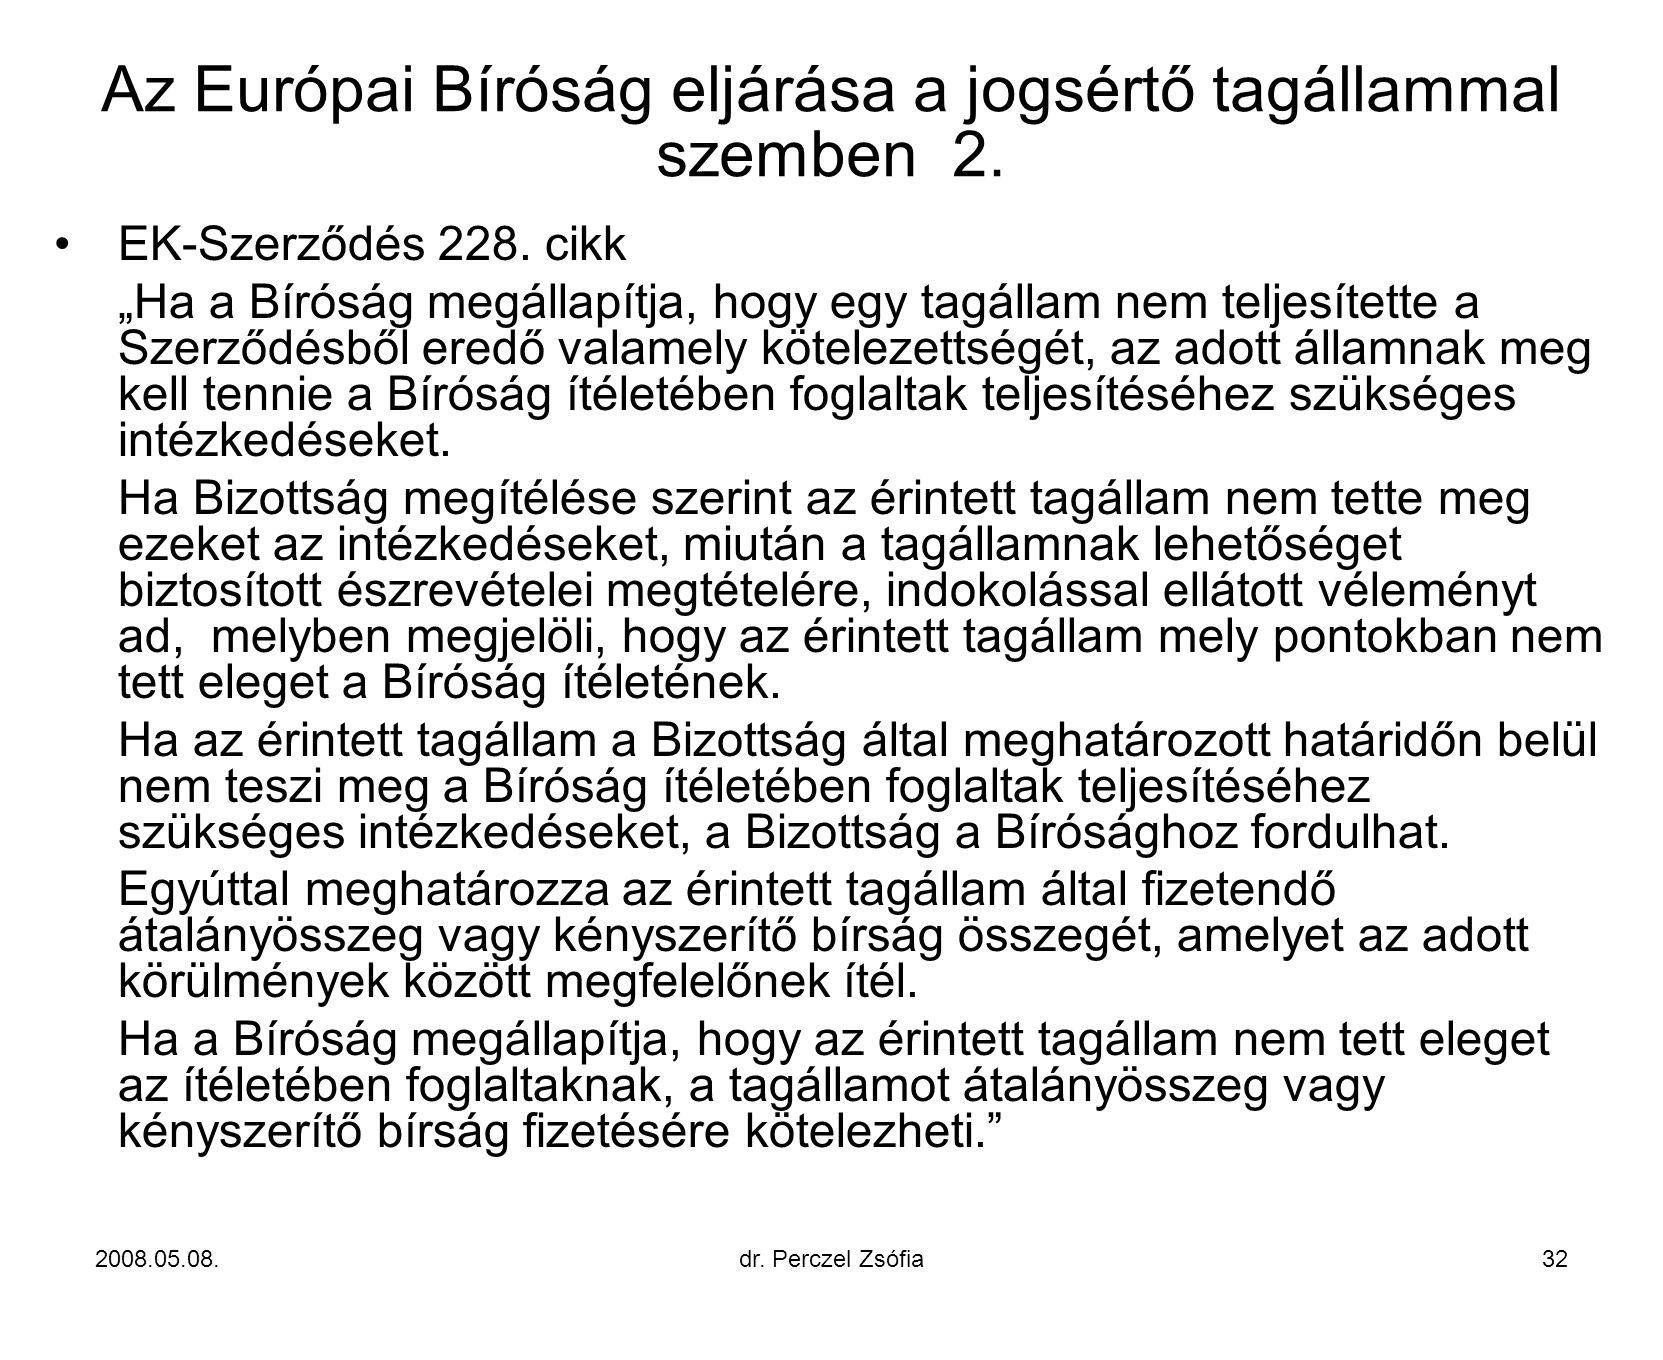 Az Európai Bíróság eljárása a jogsértő tagállammal szemben 2.